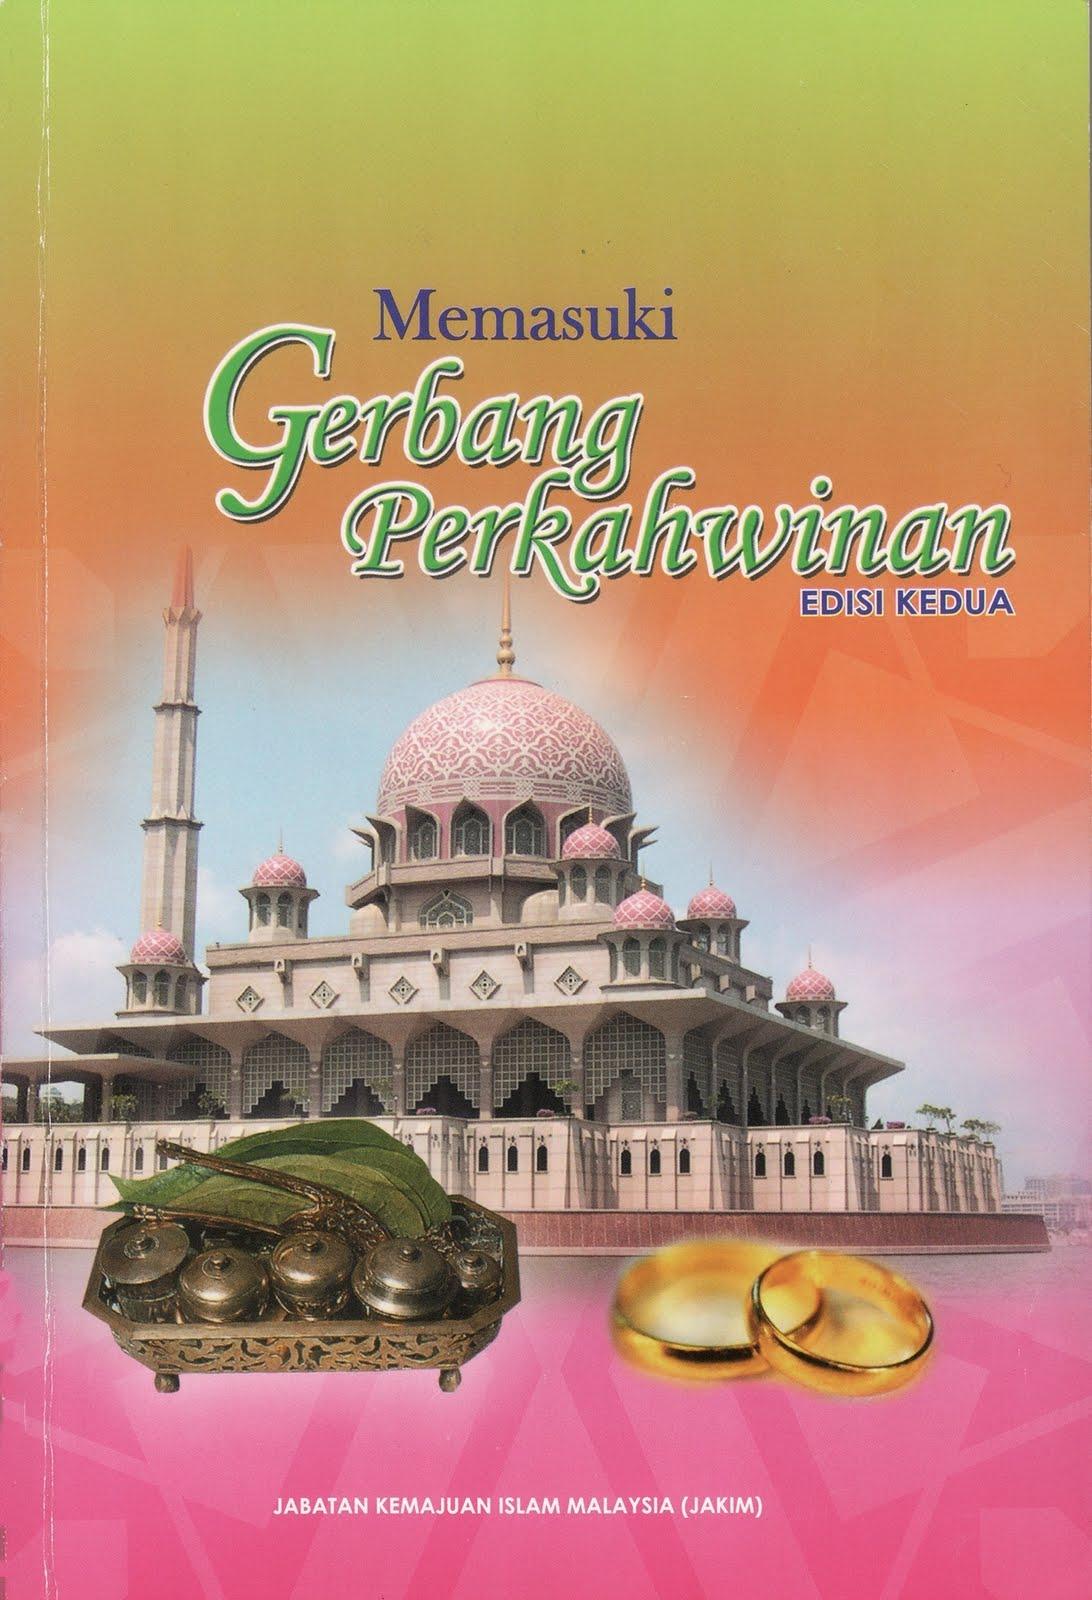 Buku Memasuki Gerbang Perkahwinan